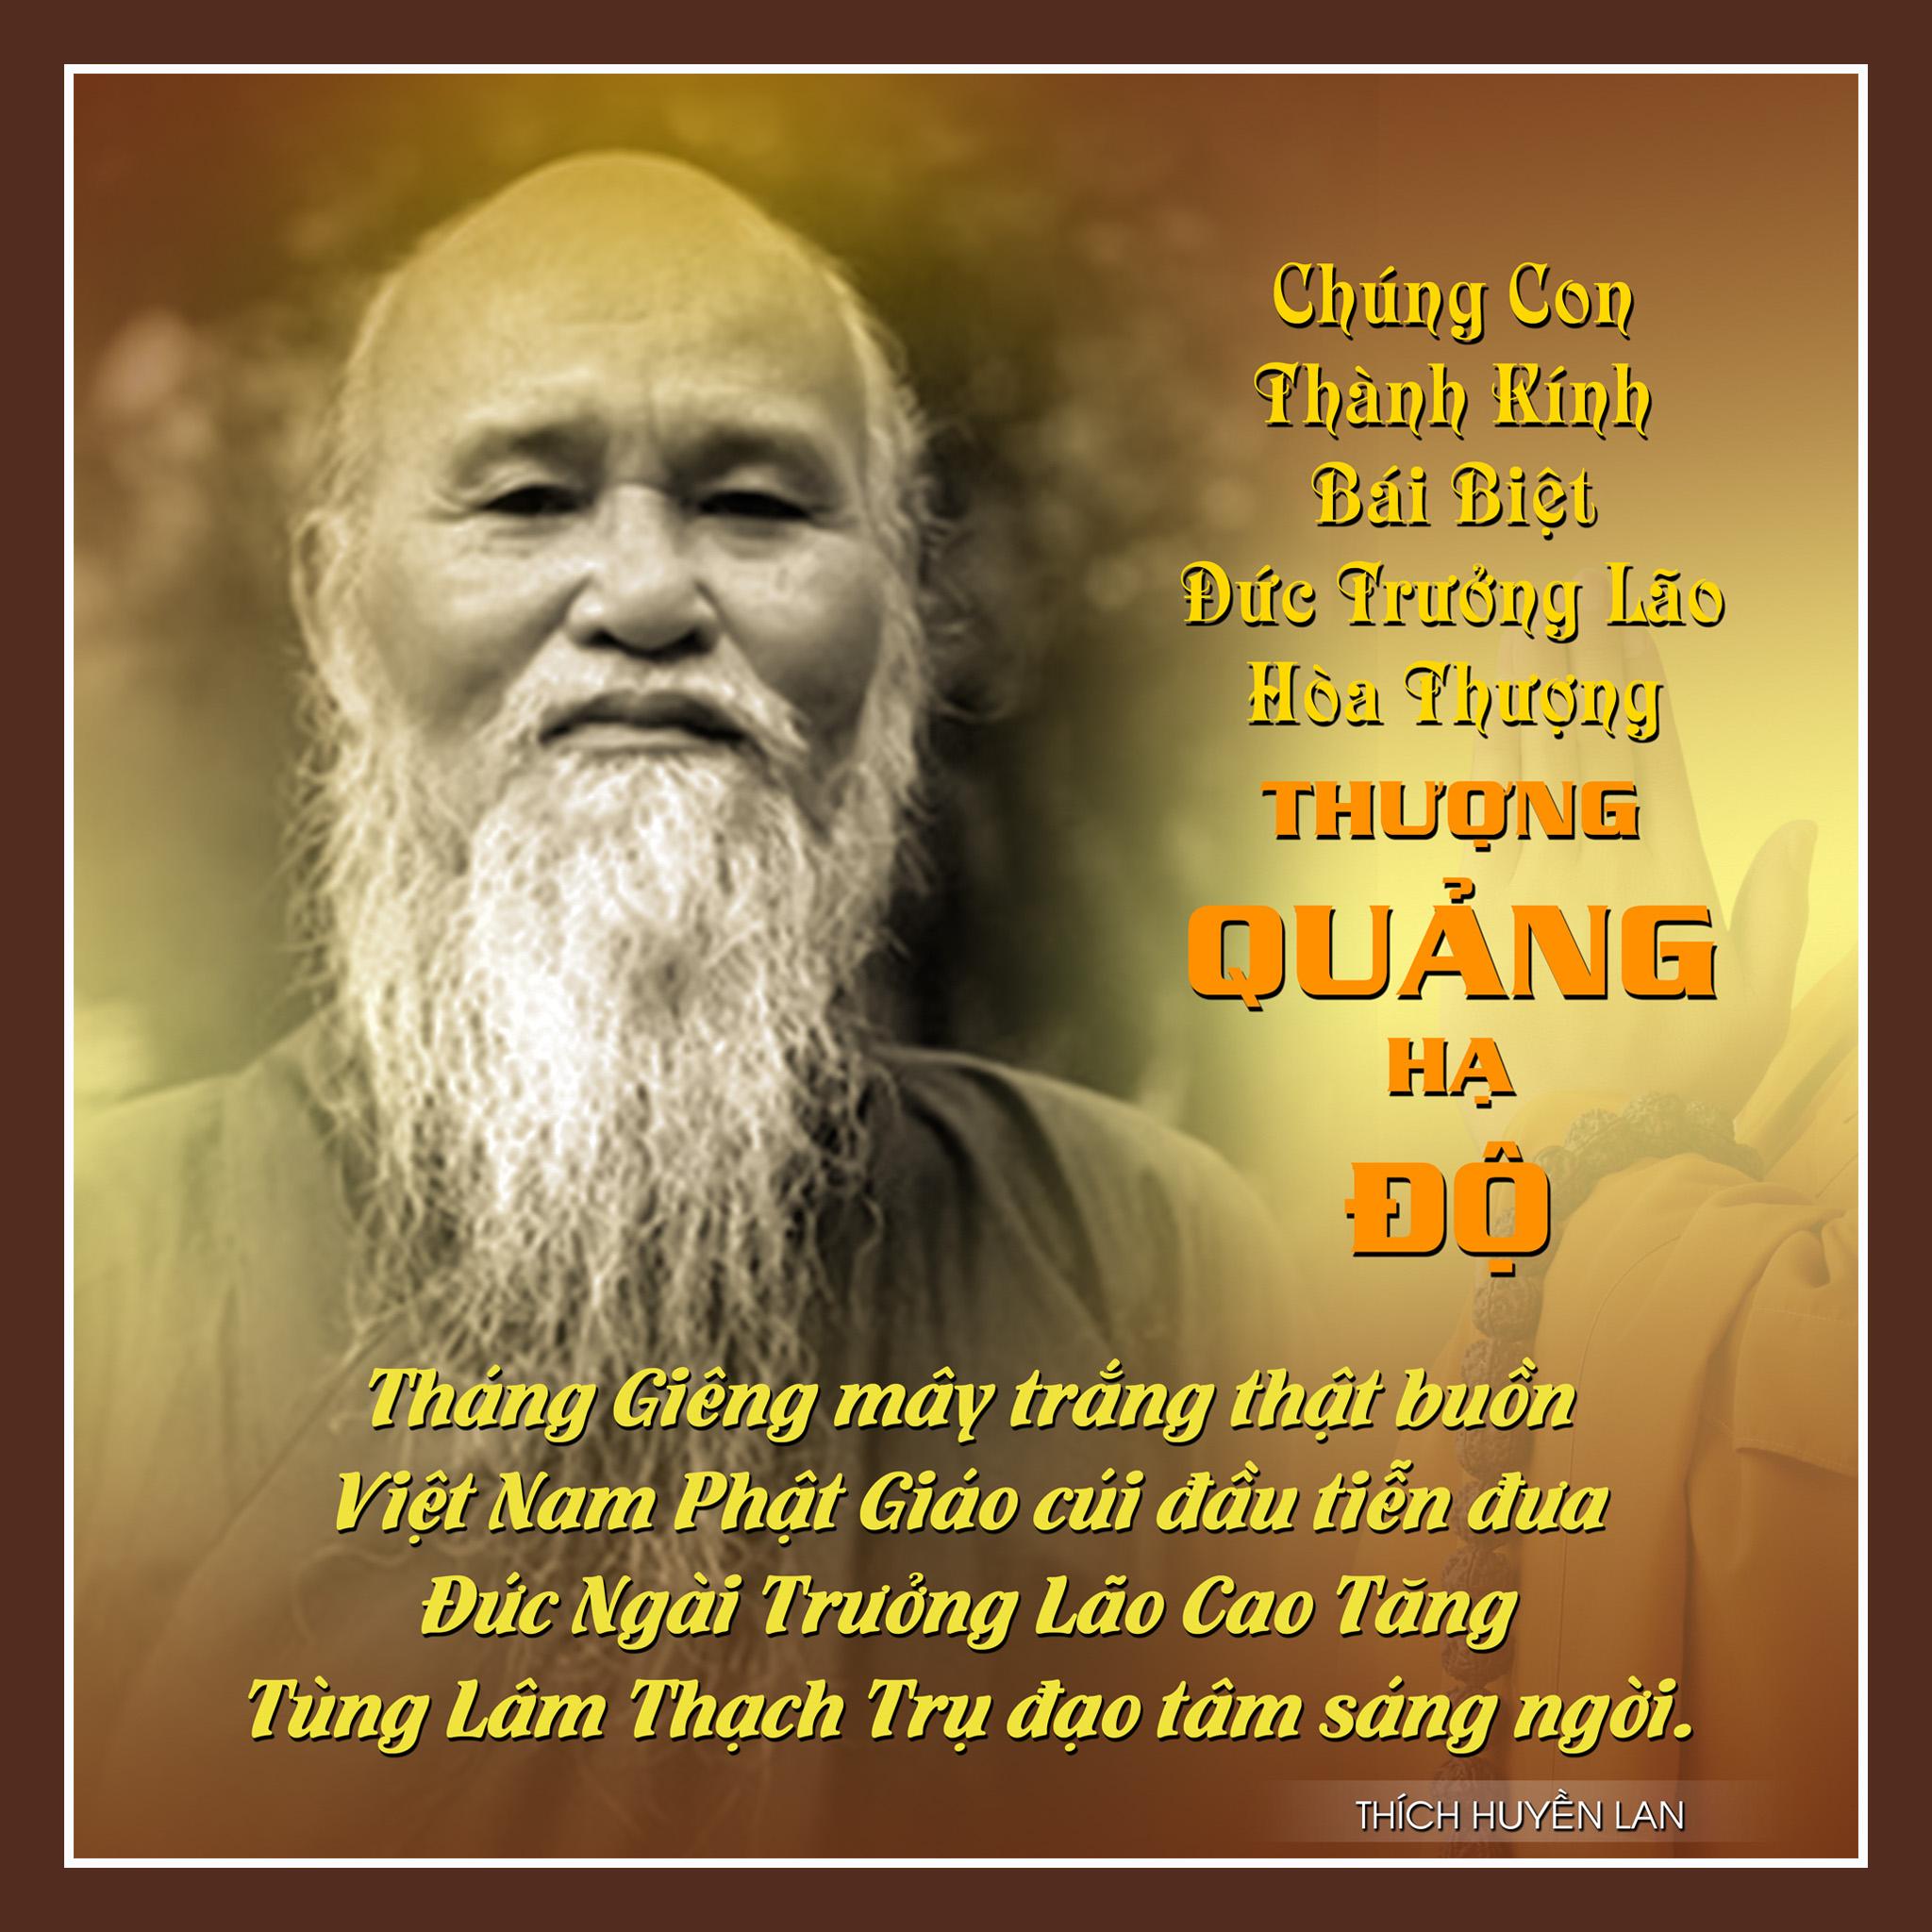 truong_lao_hoa_thuong_thuong_quang_ha_do.jpg